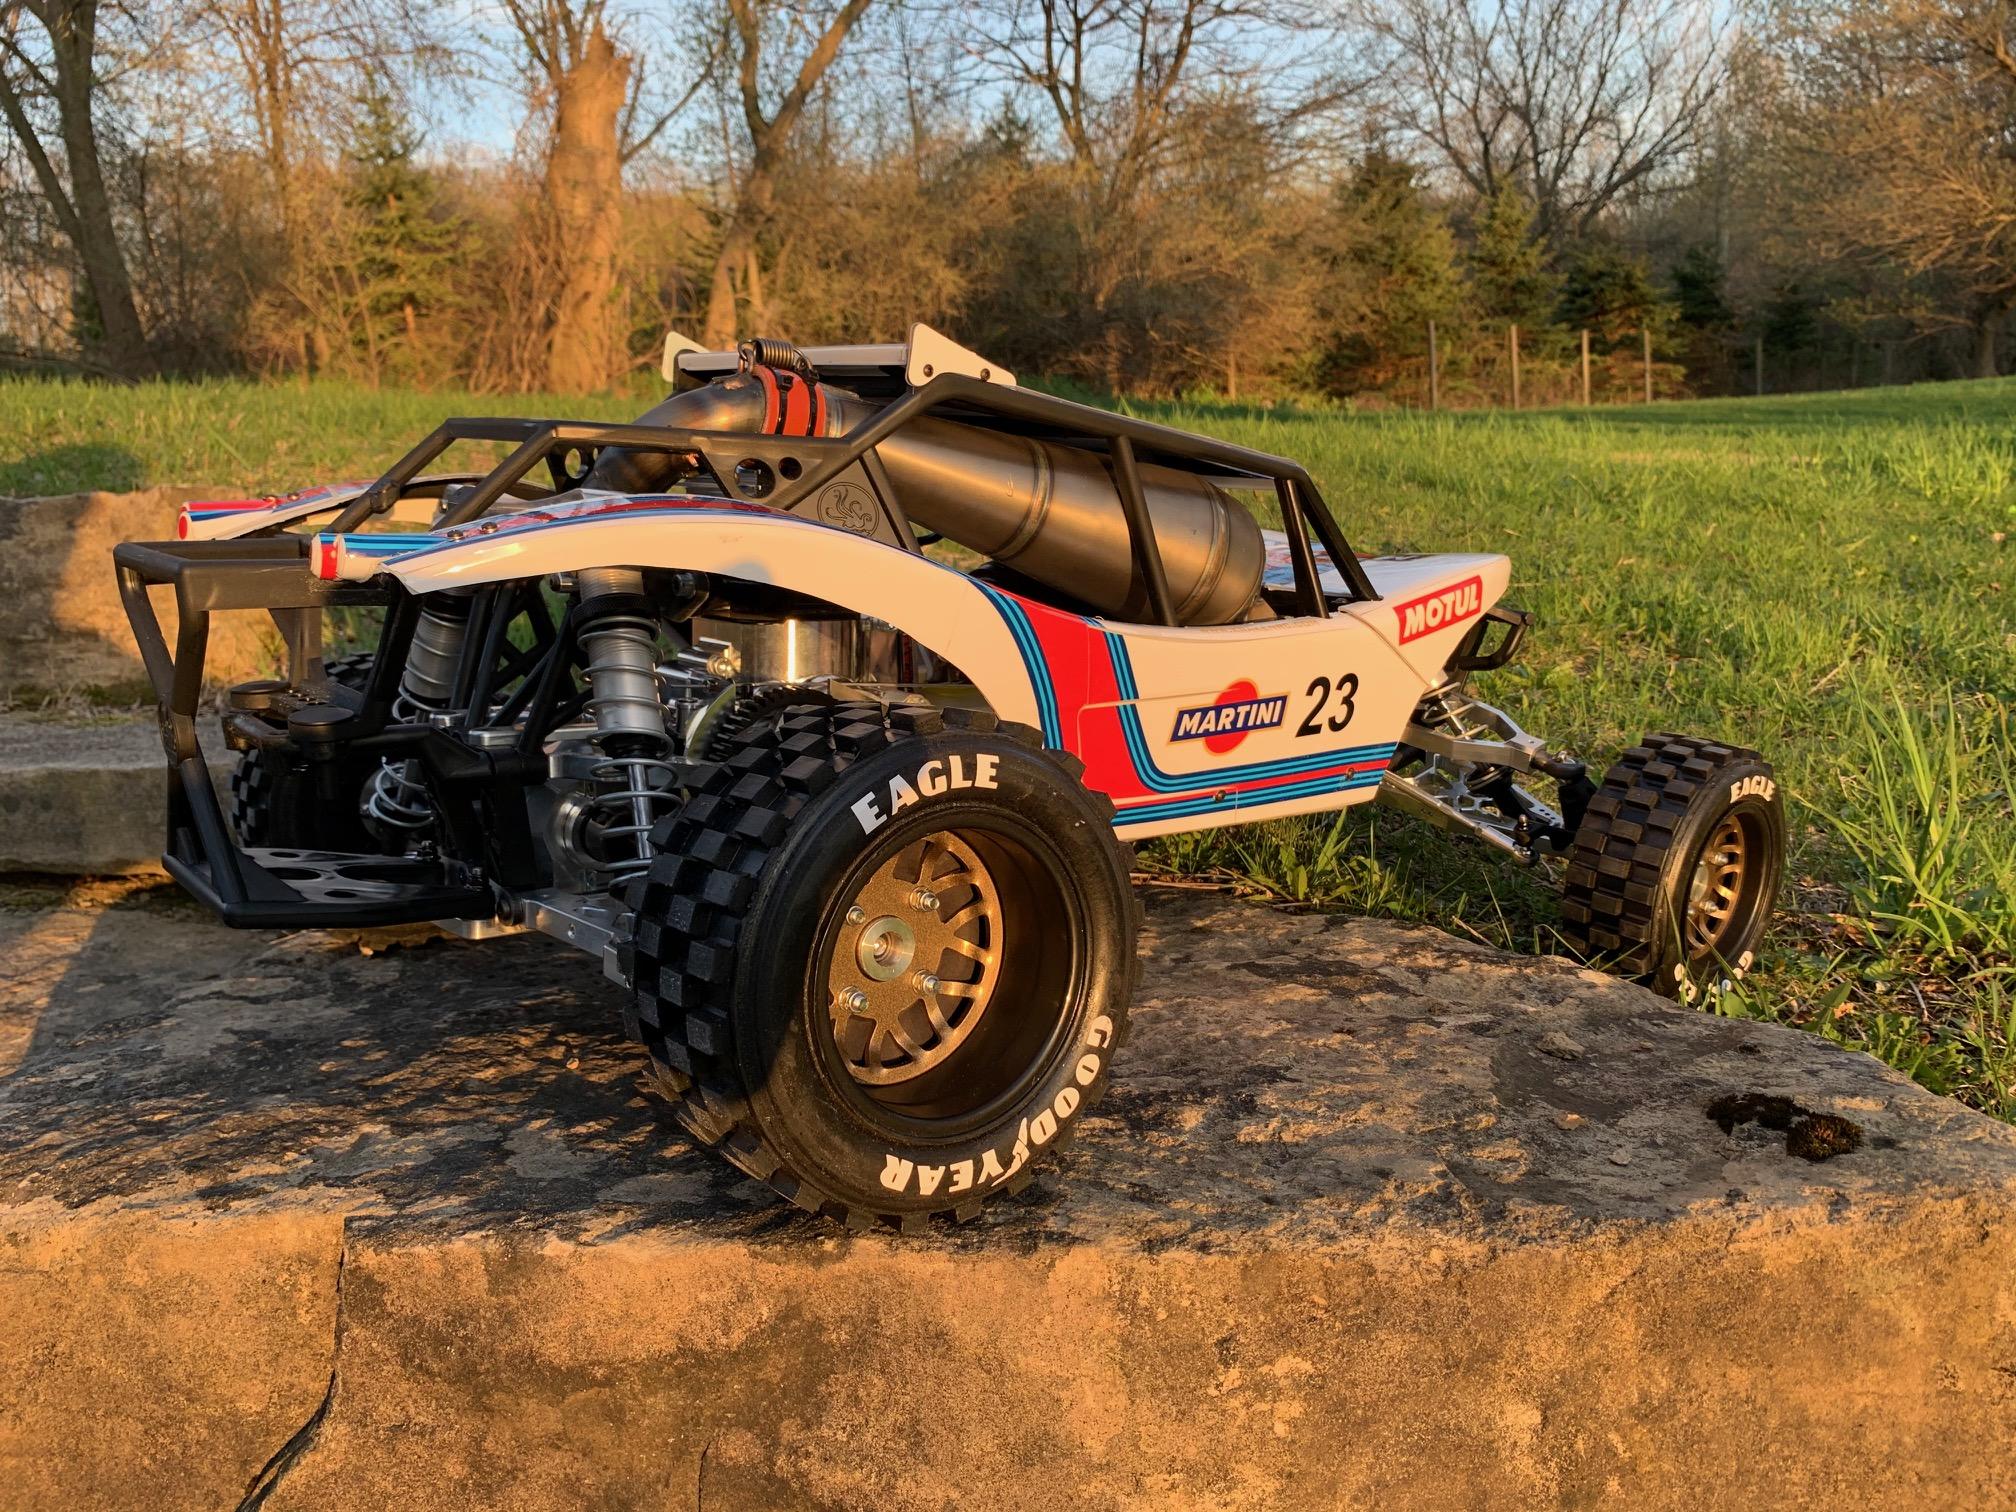 SX5 build